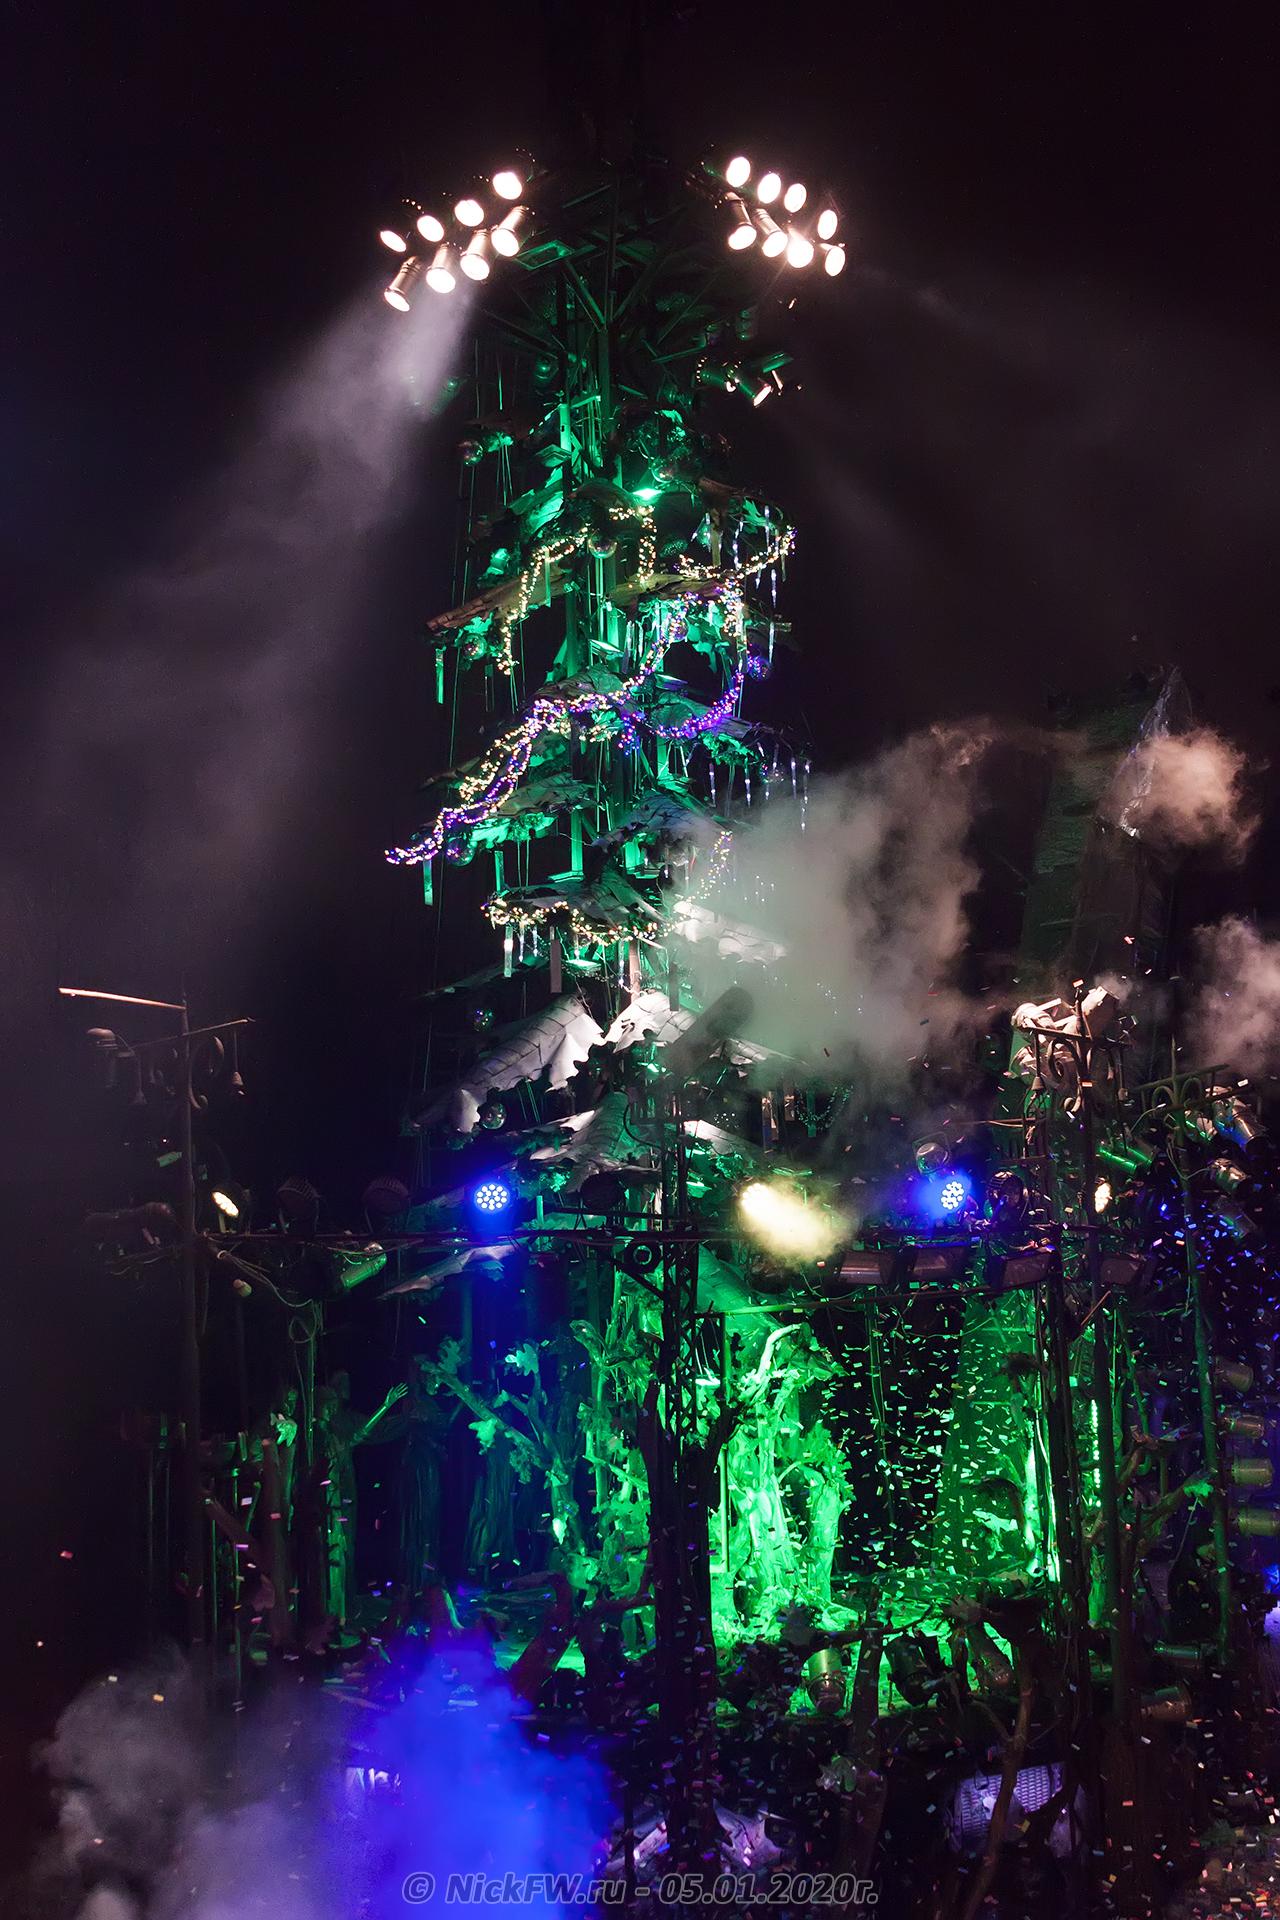 22. Новогодняя ёлка #2020 в Байк-Центре © NickFW.ru - 05.01.2020г.